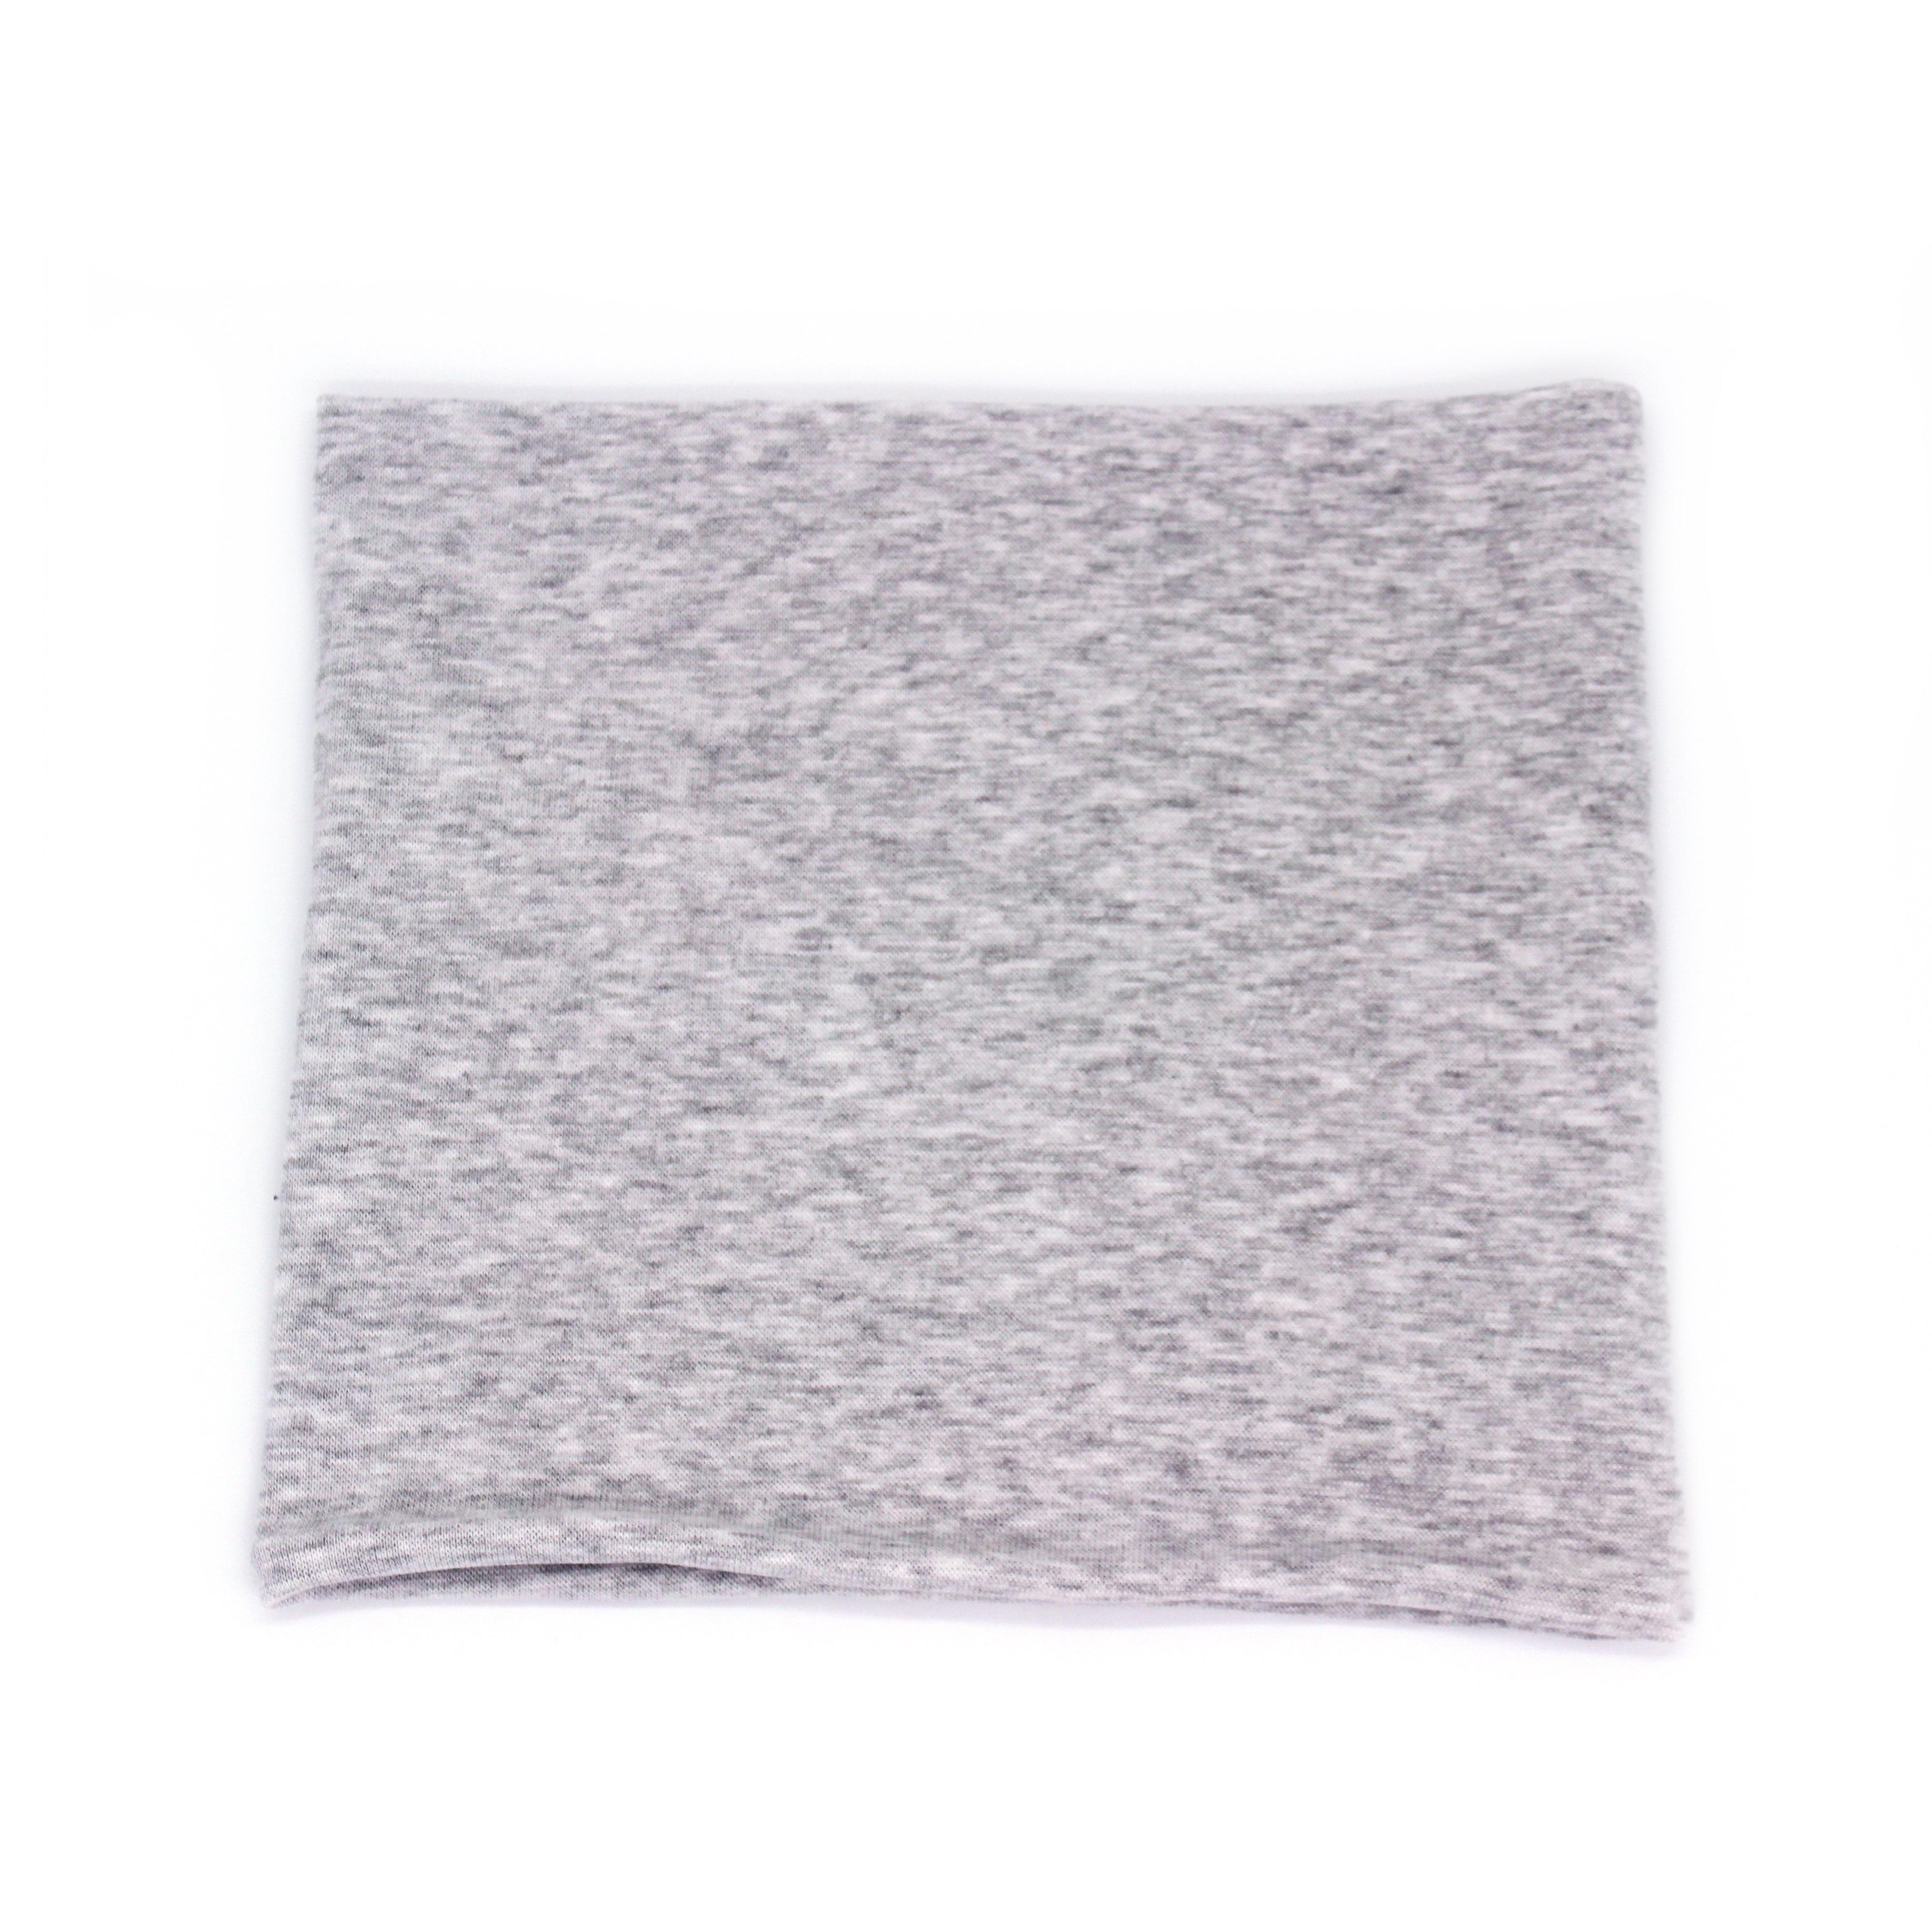 Шарф Nais, цвет: серый р.52-54 ДС.Снуд (серый св. меланж)